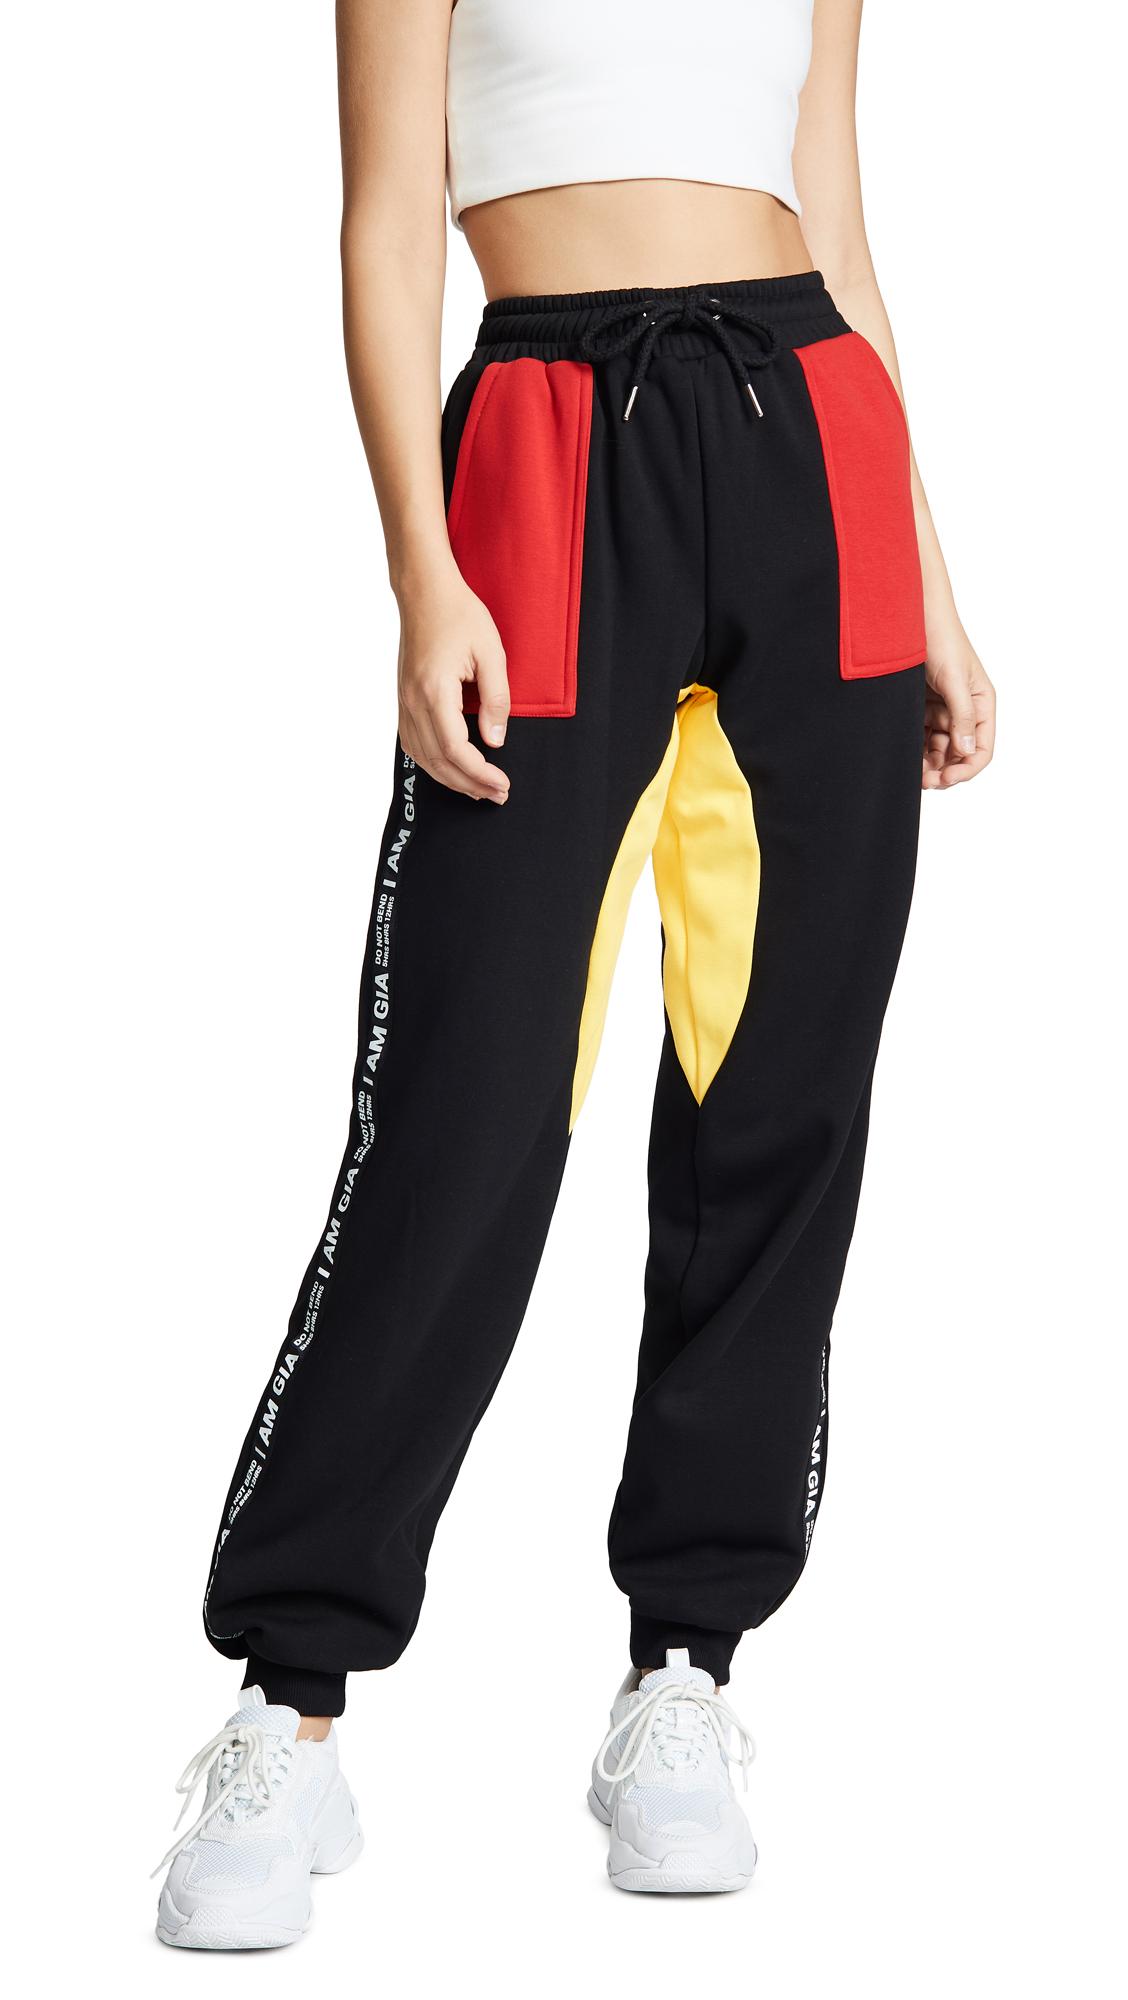 I.AM. GIA Blaster Pants In Black